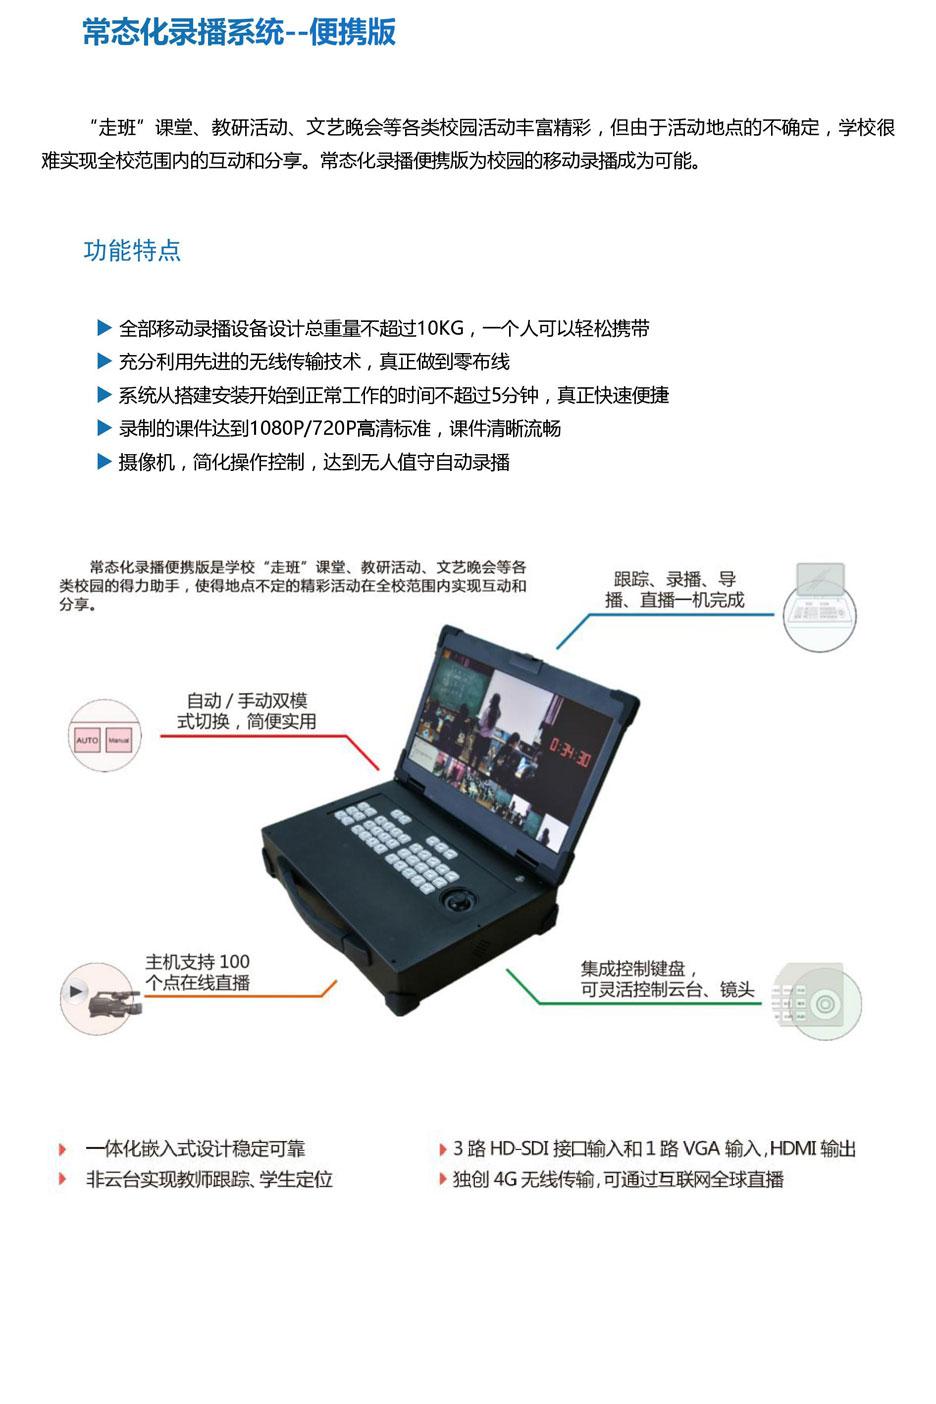 常态化万博网页版注册系统——便携版